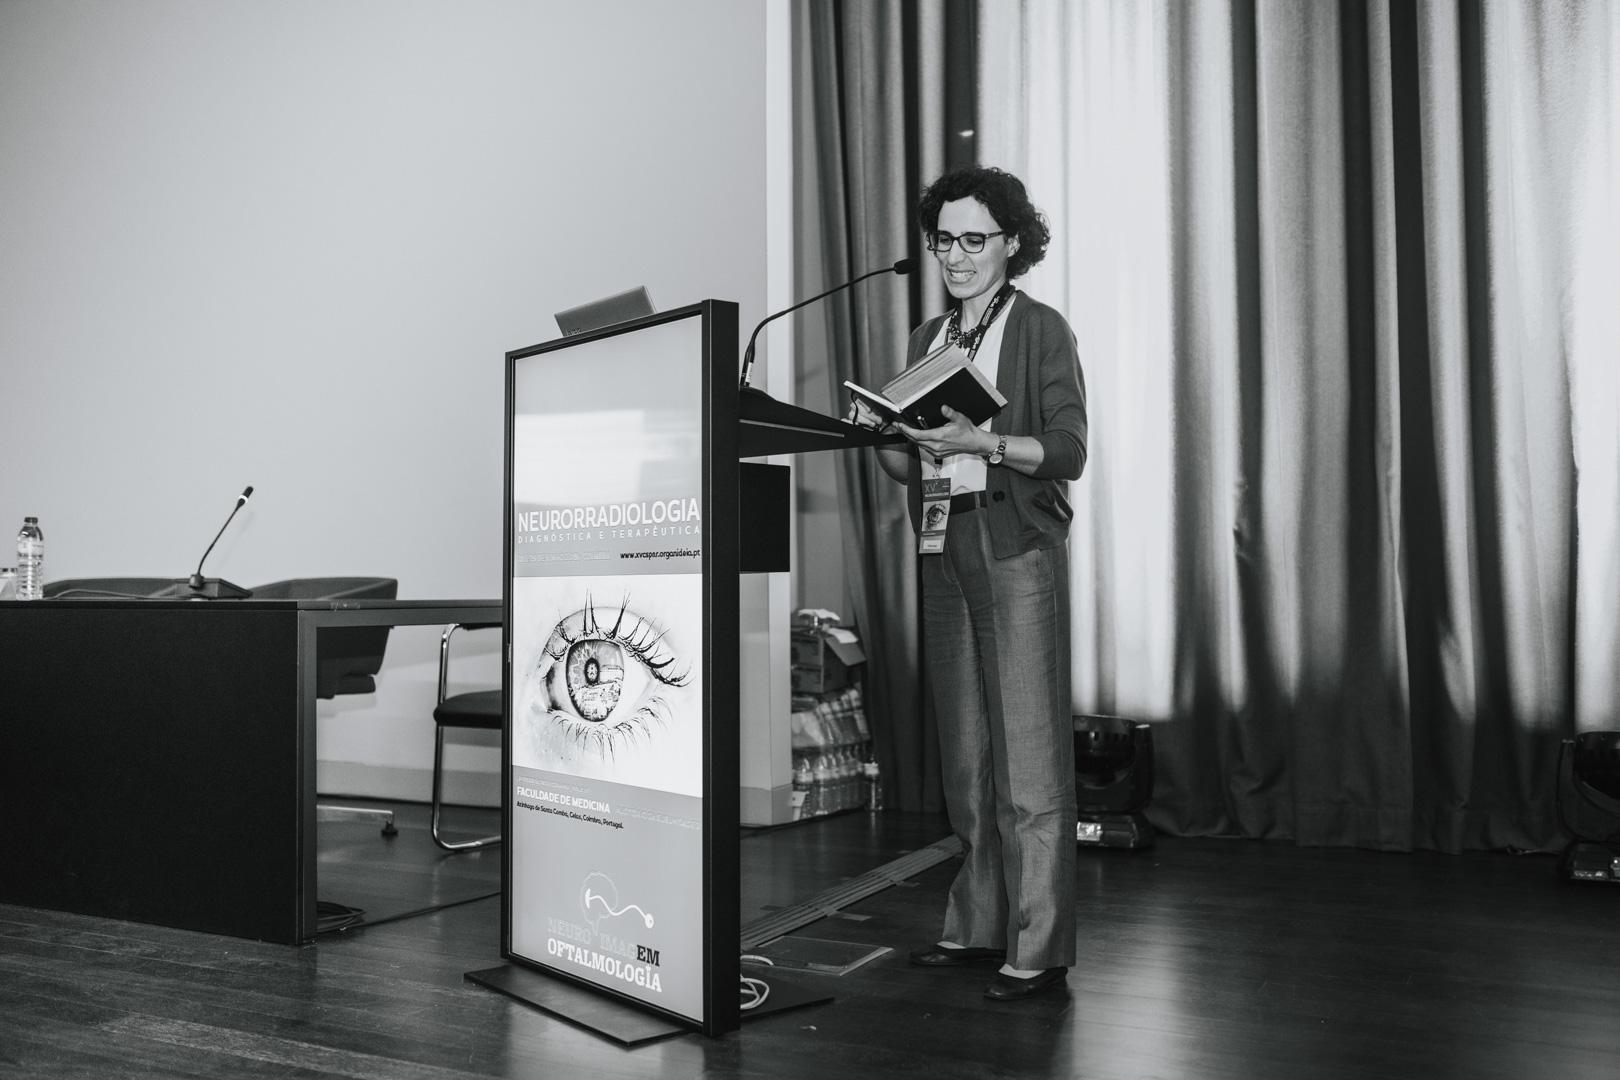 XV Congresso da SPNR - Apresentação de trabalhos ao pulpito digital com a imagem do evento, mais um dos serviços da Organideia